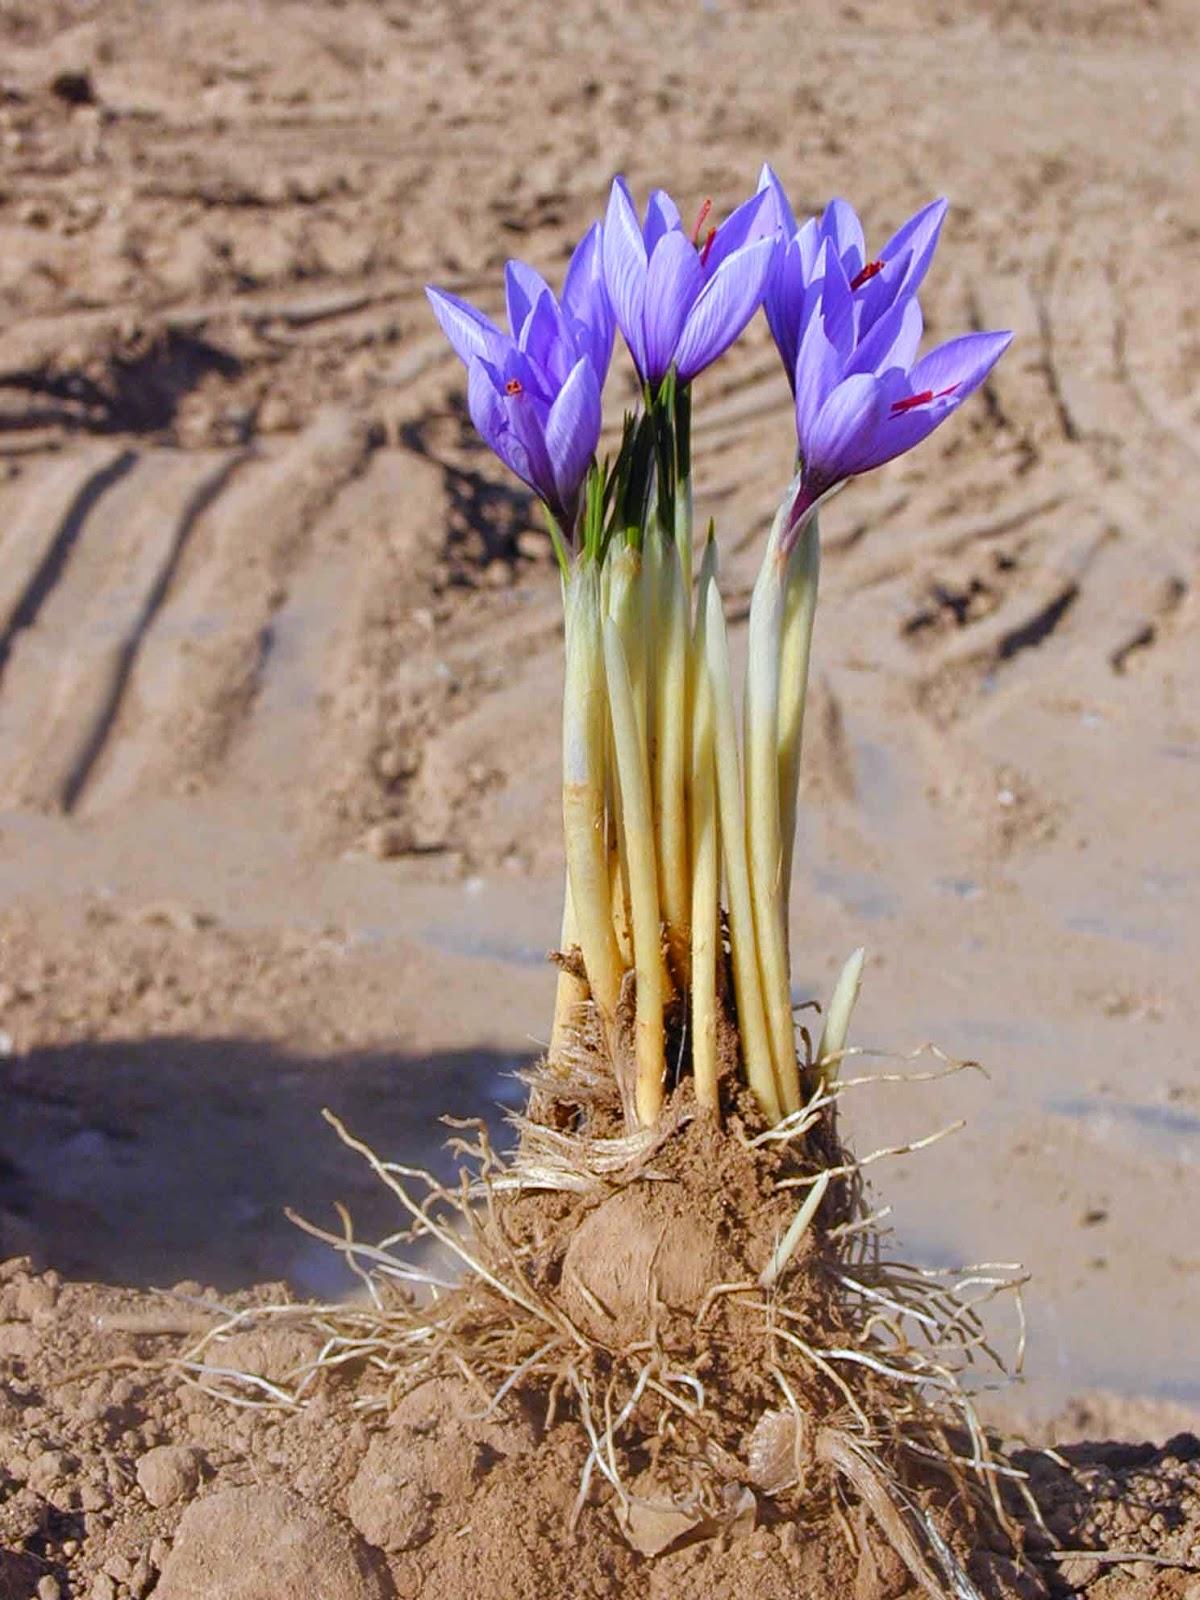 ক্রোকাস স্যাটিভাস (Crocus sativus)images